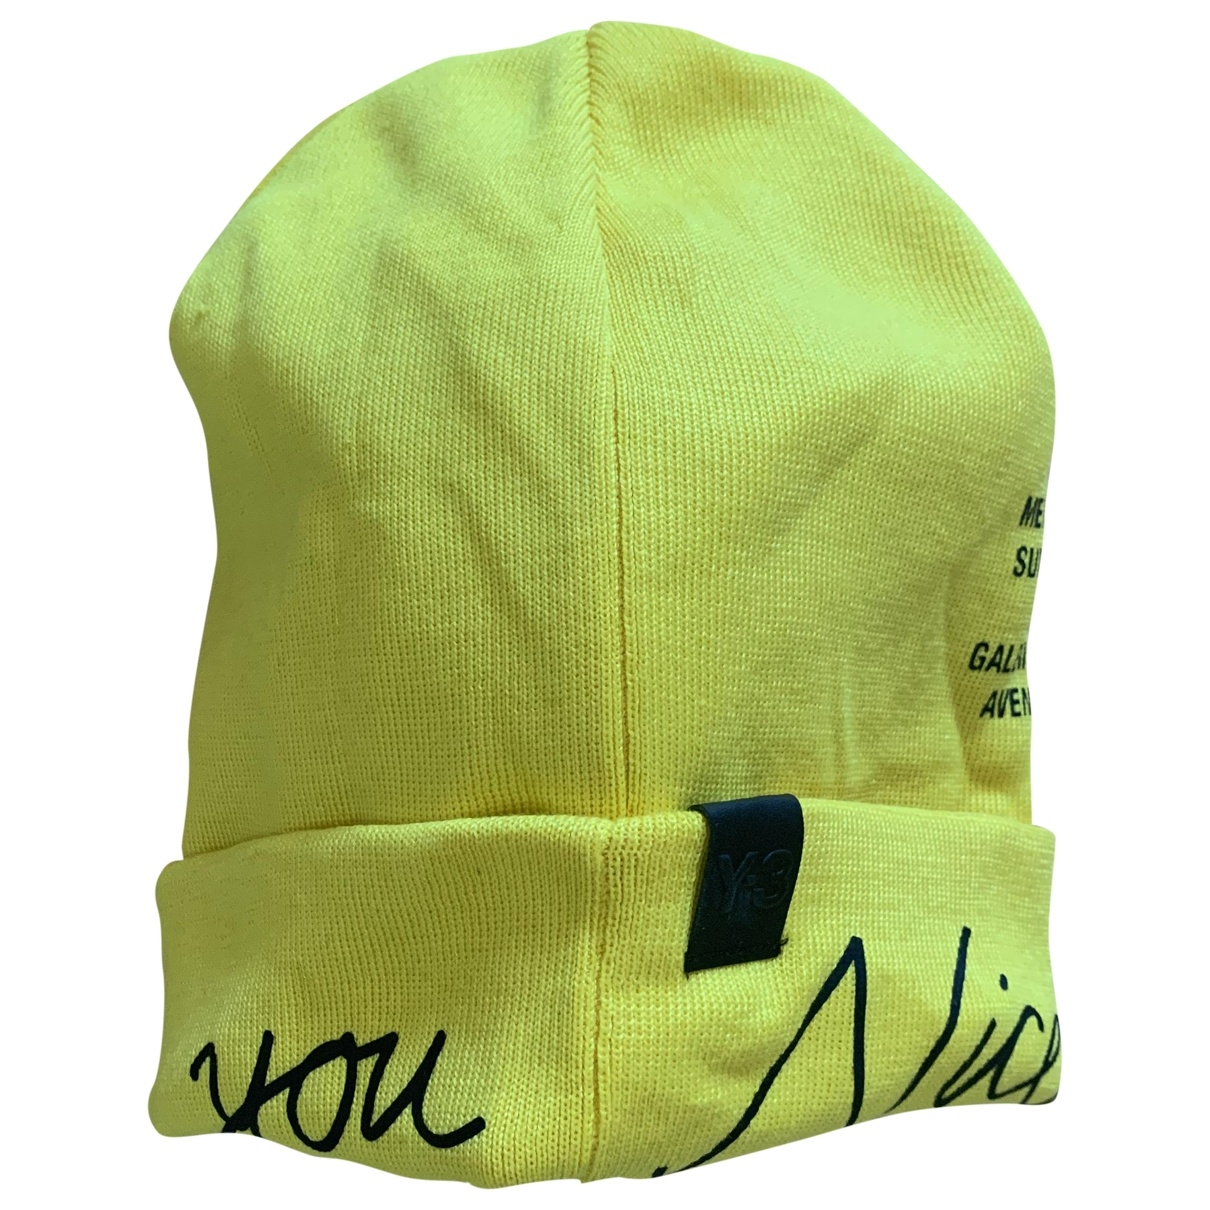 Y-3 By Yohji Yamamoto - Chapeau & Bonnets   pour homme en coton - jaune